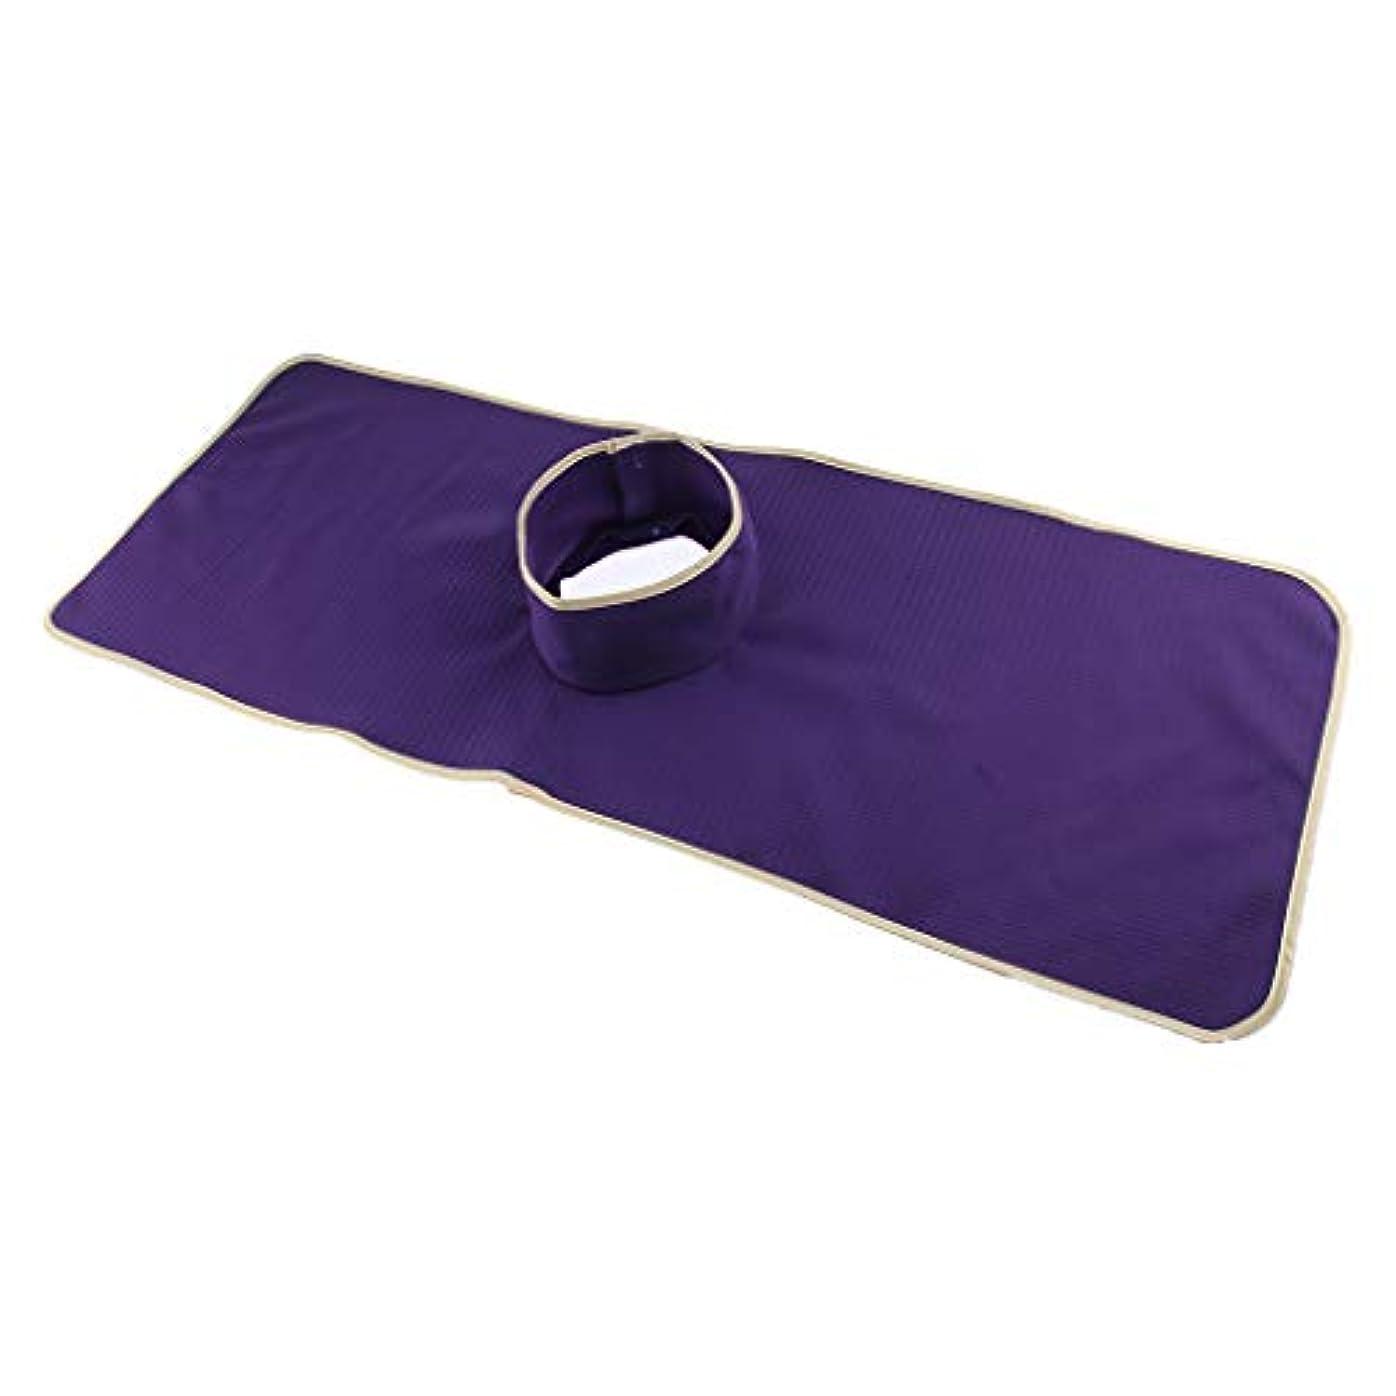 宿題をする企業出口chiwanji 洗える指圧マッサージベッドタトゥーテーブルシートパッドマットフェイスホールカバー - 紫